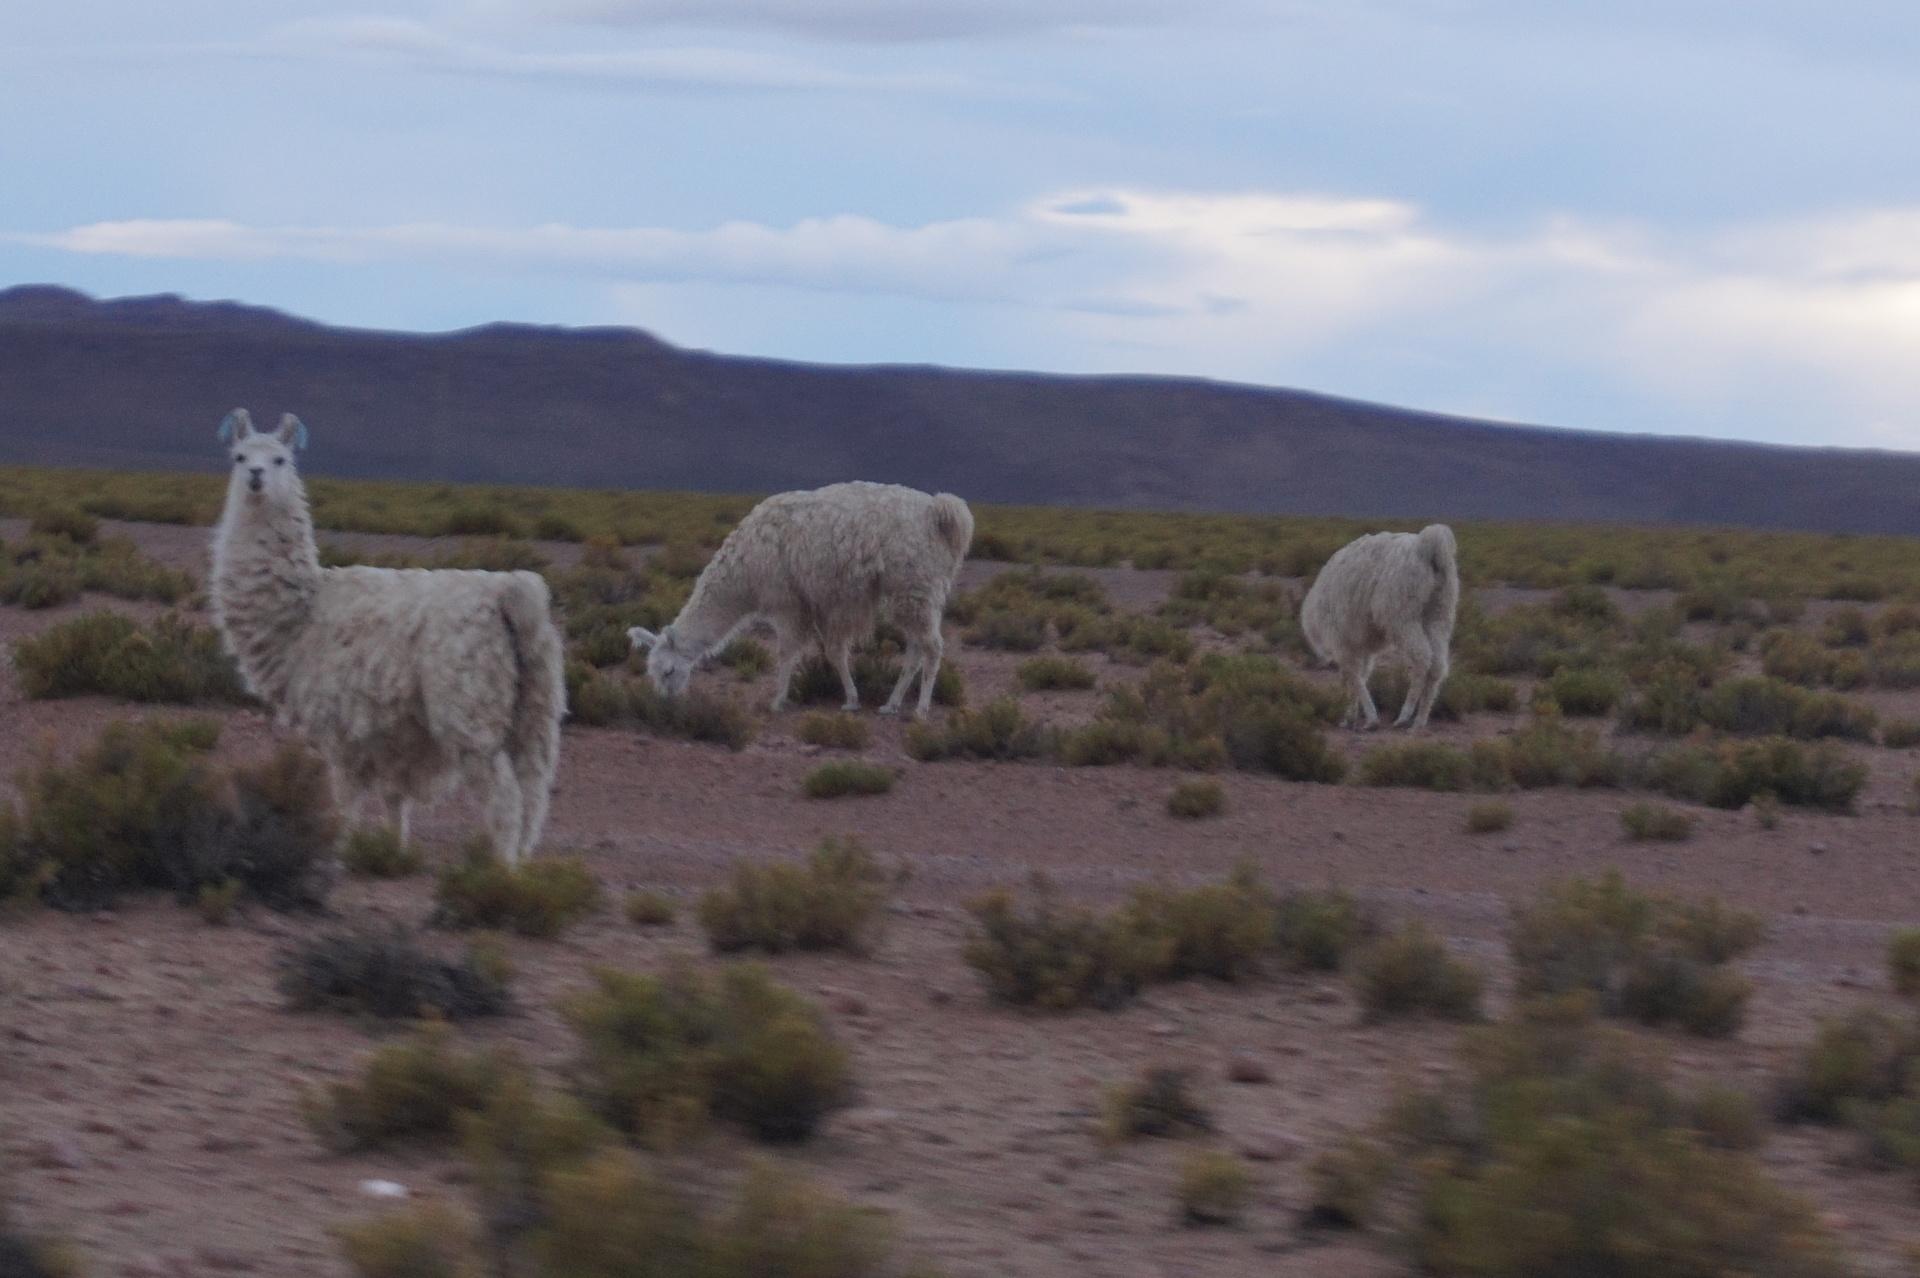 チリ ボリビア ウユニ旅行 2泊3日ツアー 疾走感のあるアルパカ